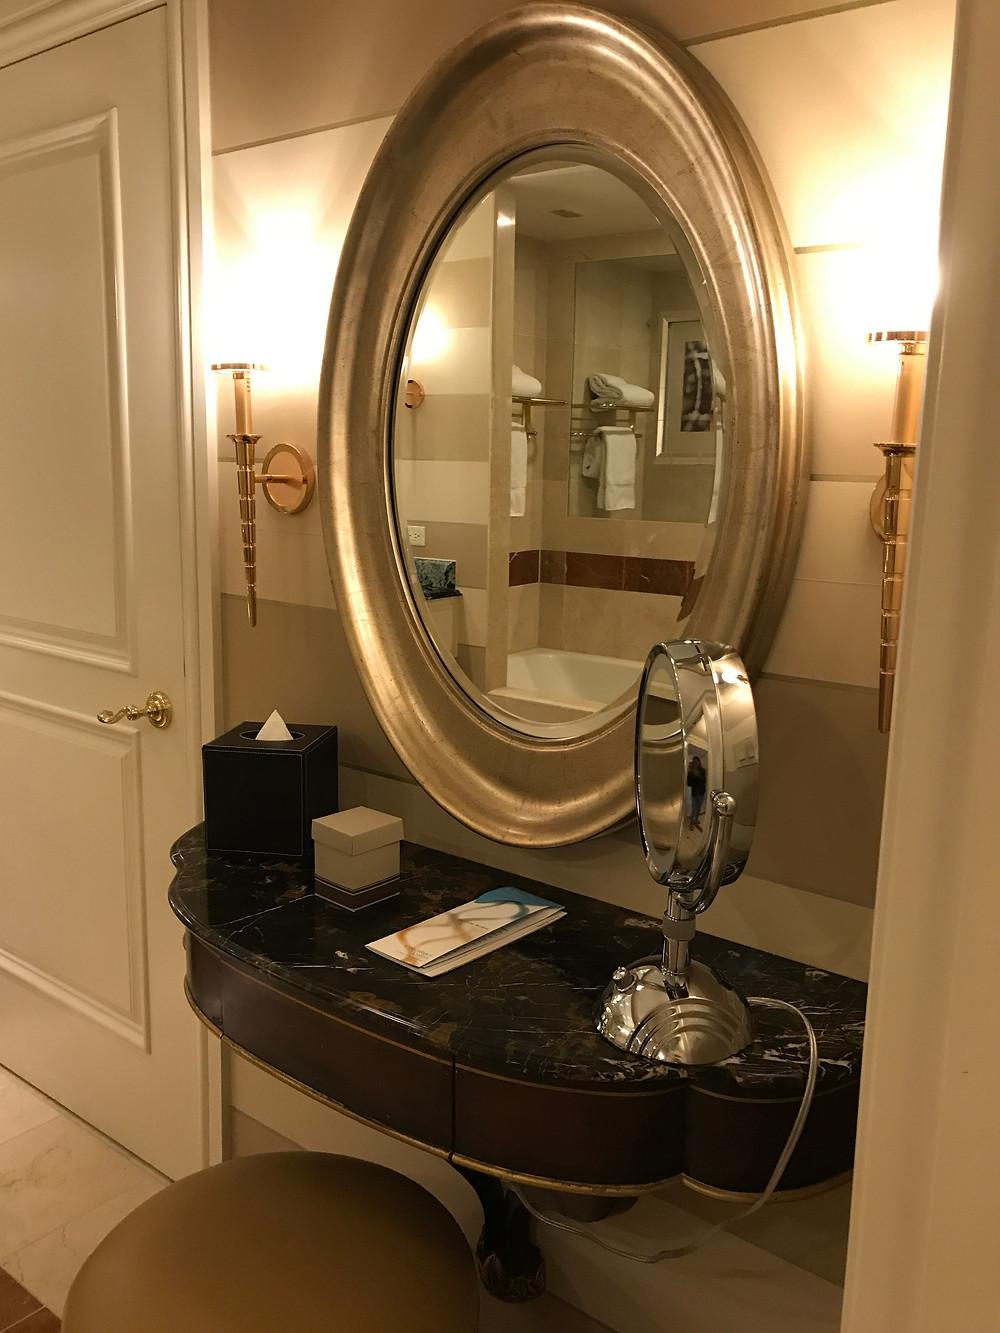 Cute vanity